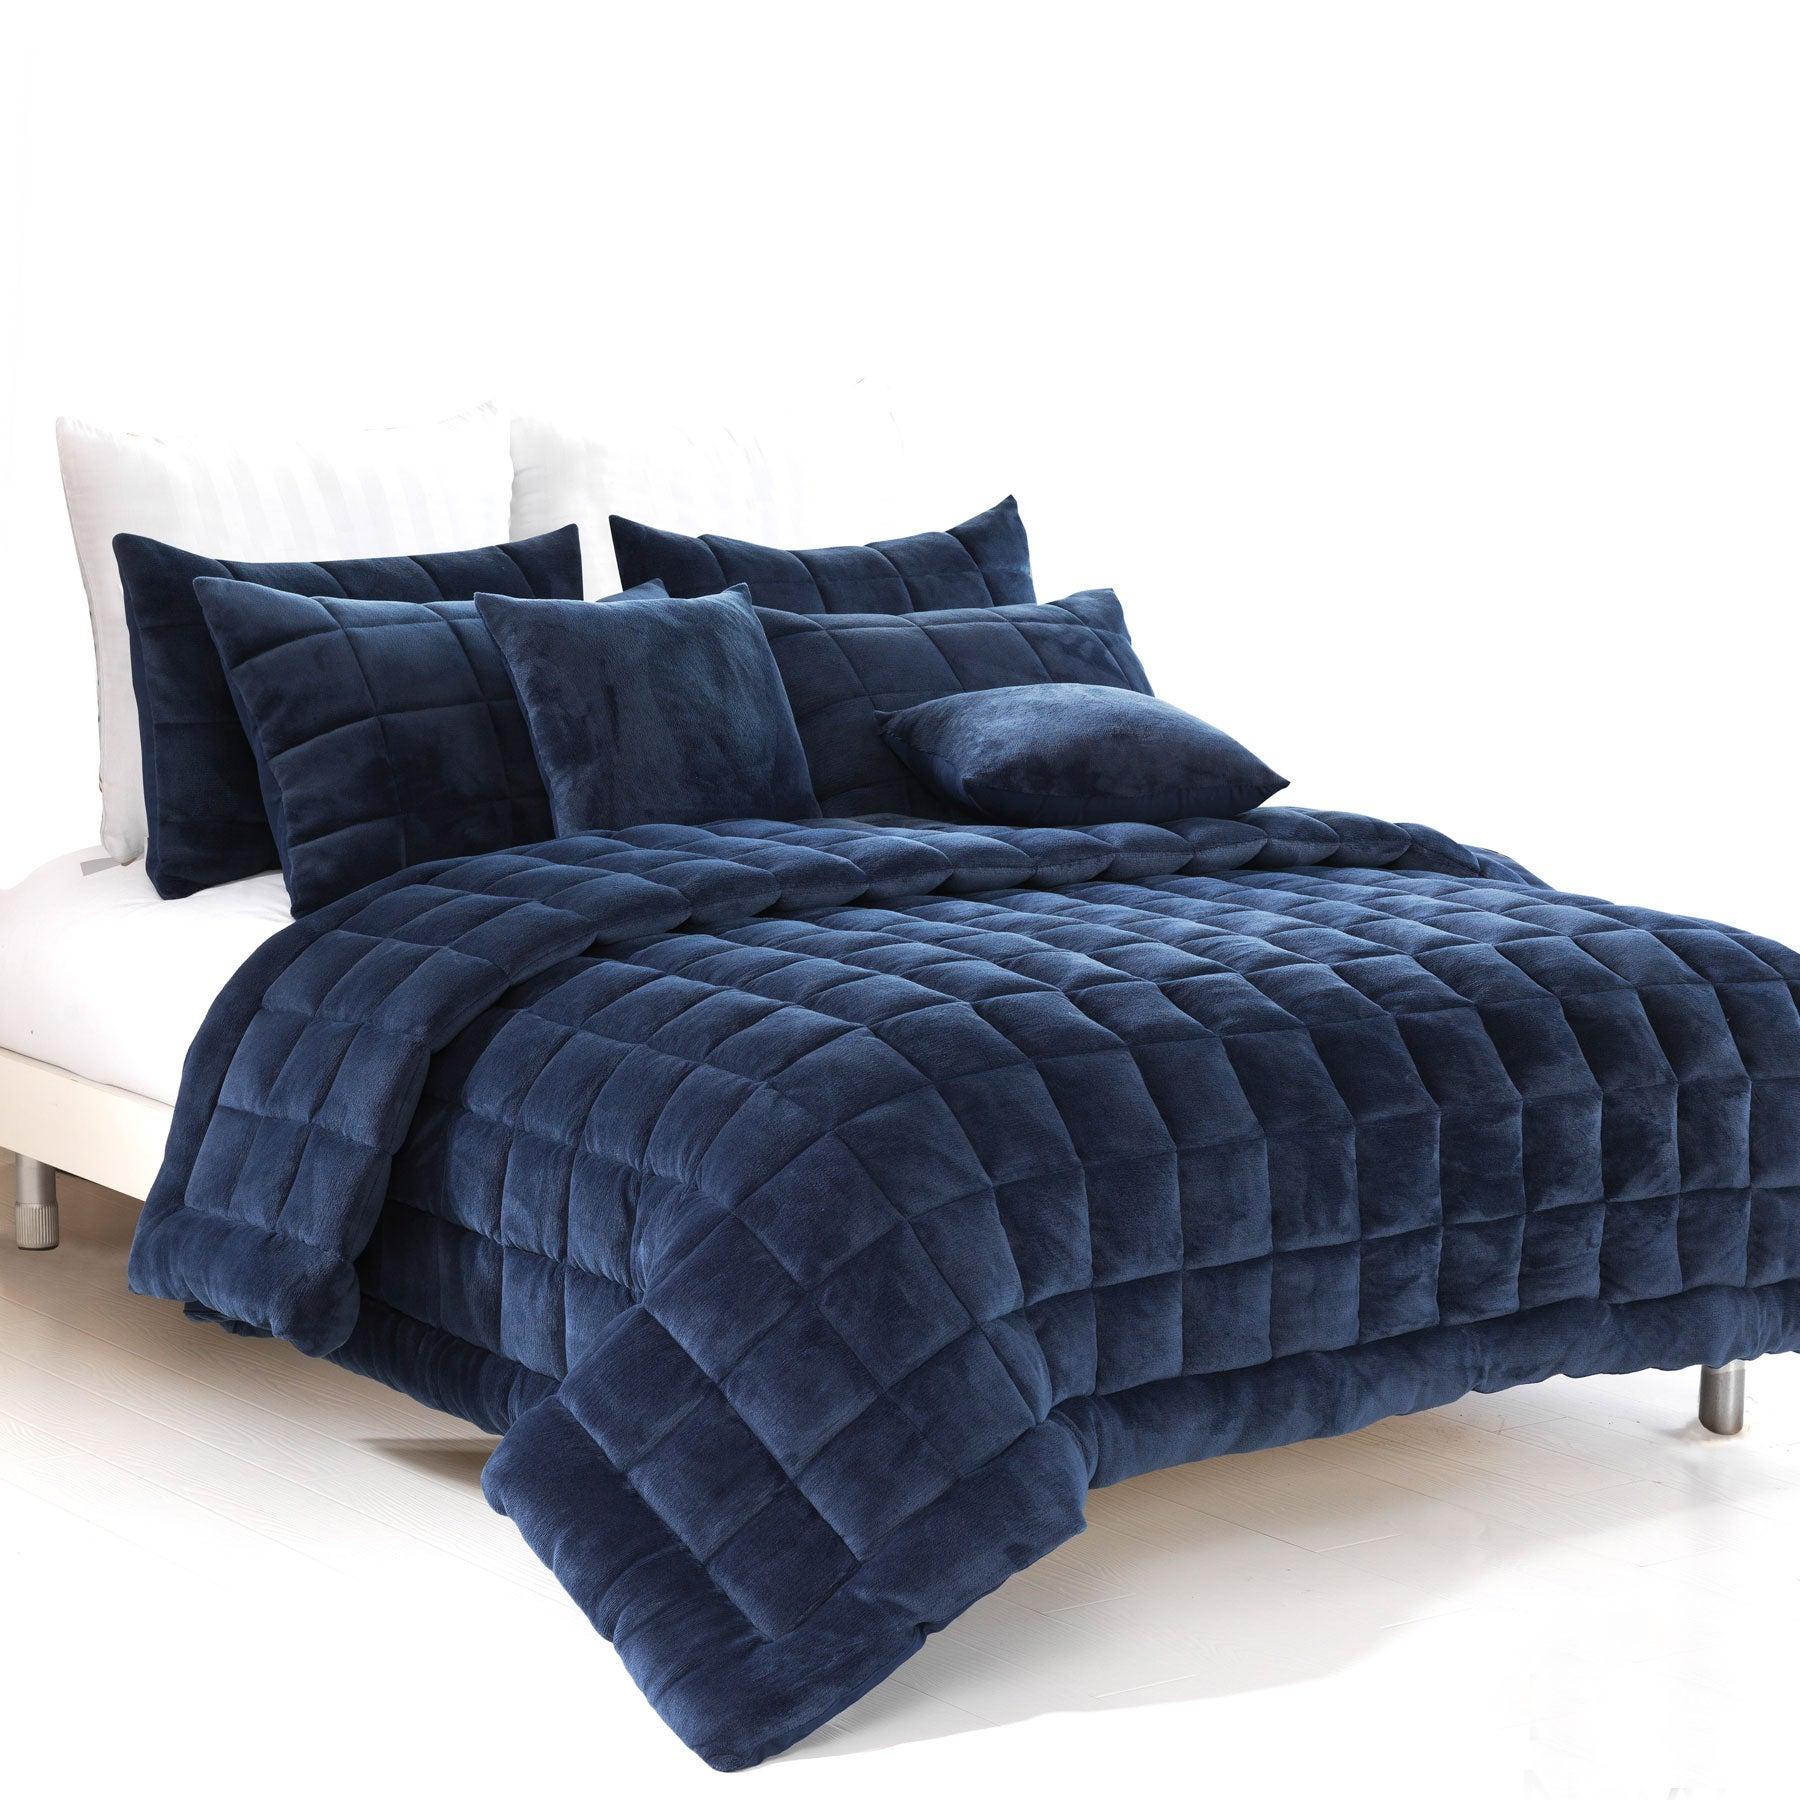 Augusta Faux Mink Quilt/Bedding Set Navy